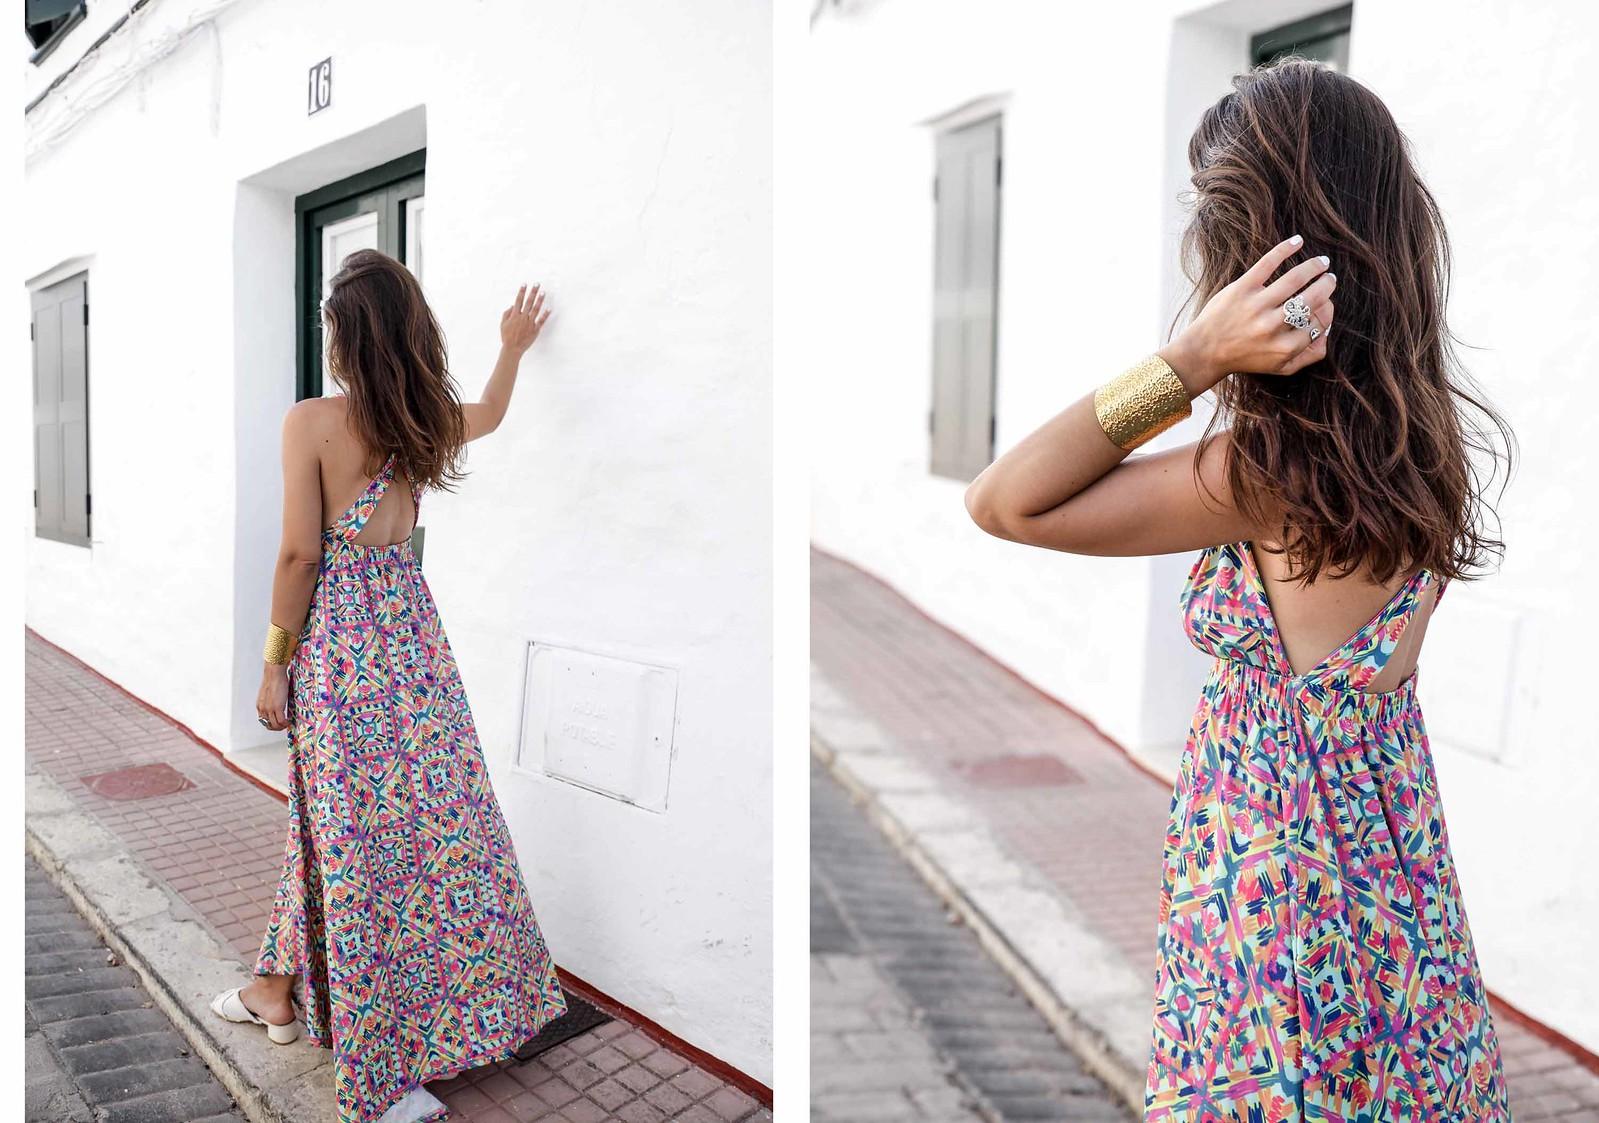 04_vestido_largo_colores_estilo_boho_rüga_chic_casual_street_style_outfit_theguestgirl_